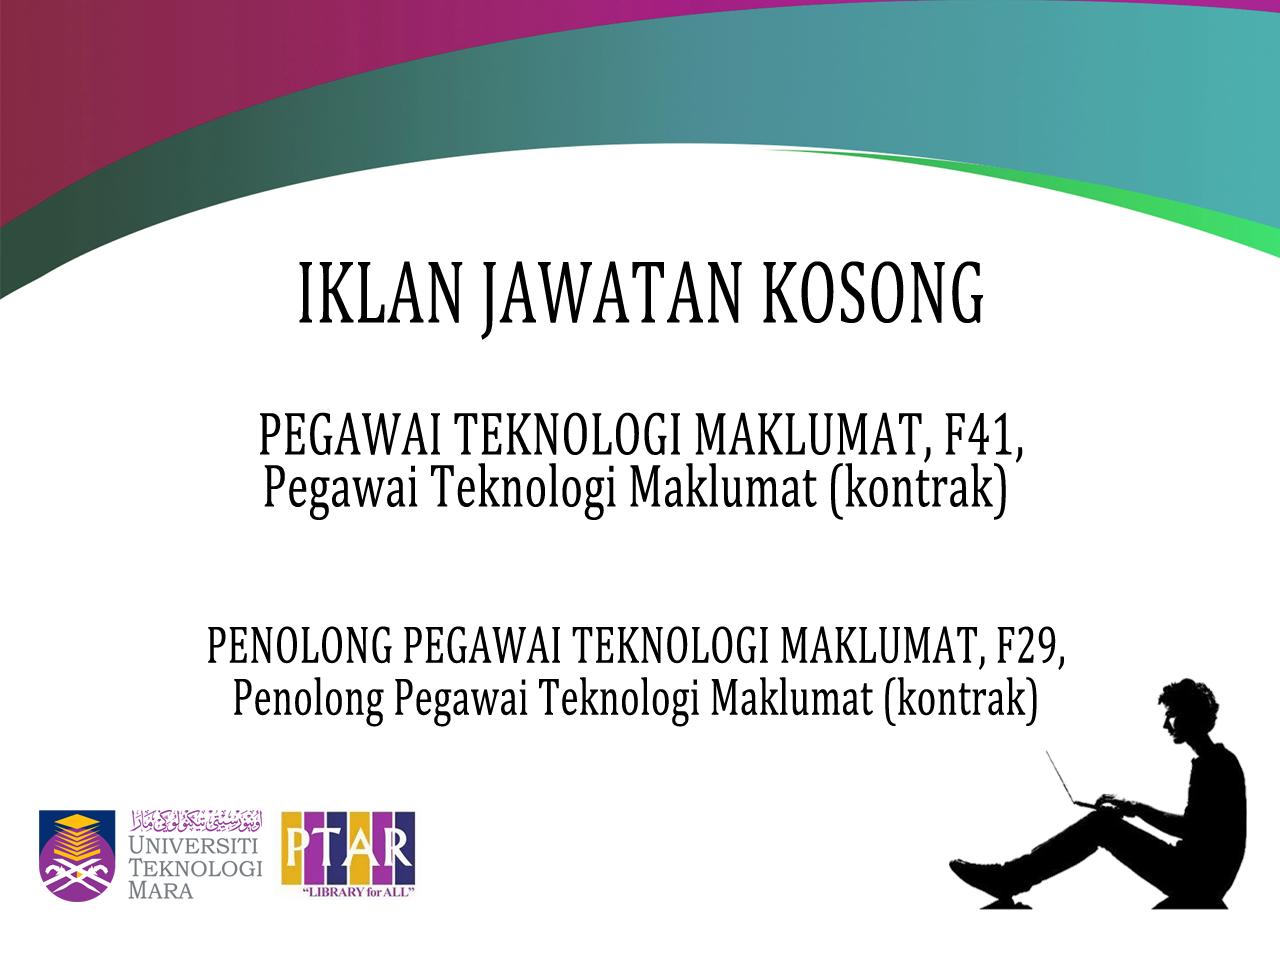 Iklan Jawatan Pegawai Teknologi Maklumat F41 Dan Penolong Pegawai Teknologi Maklumat F29 Perpustakaan Uitm